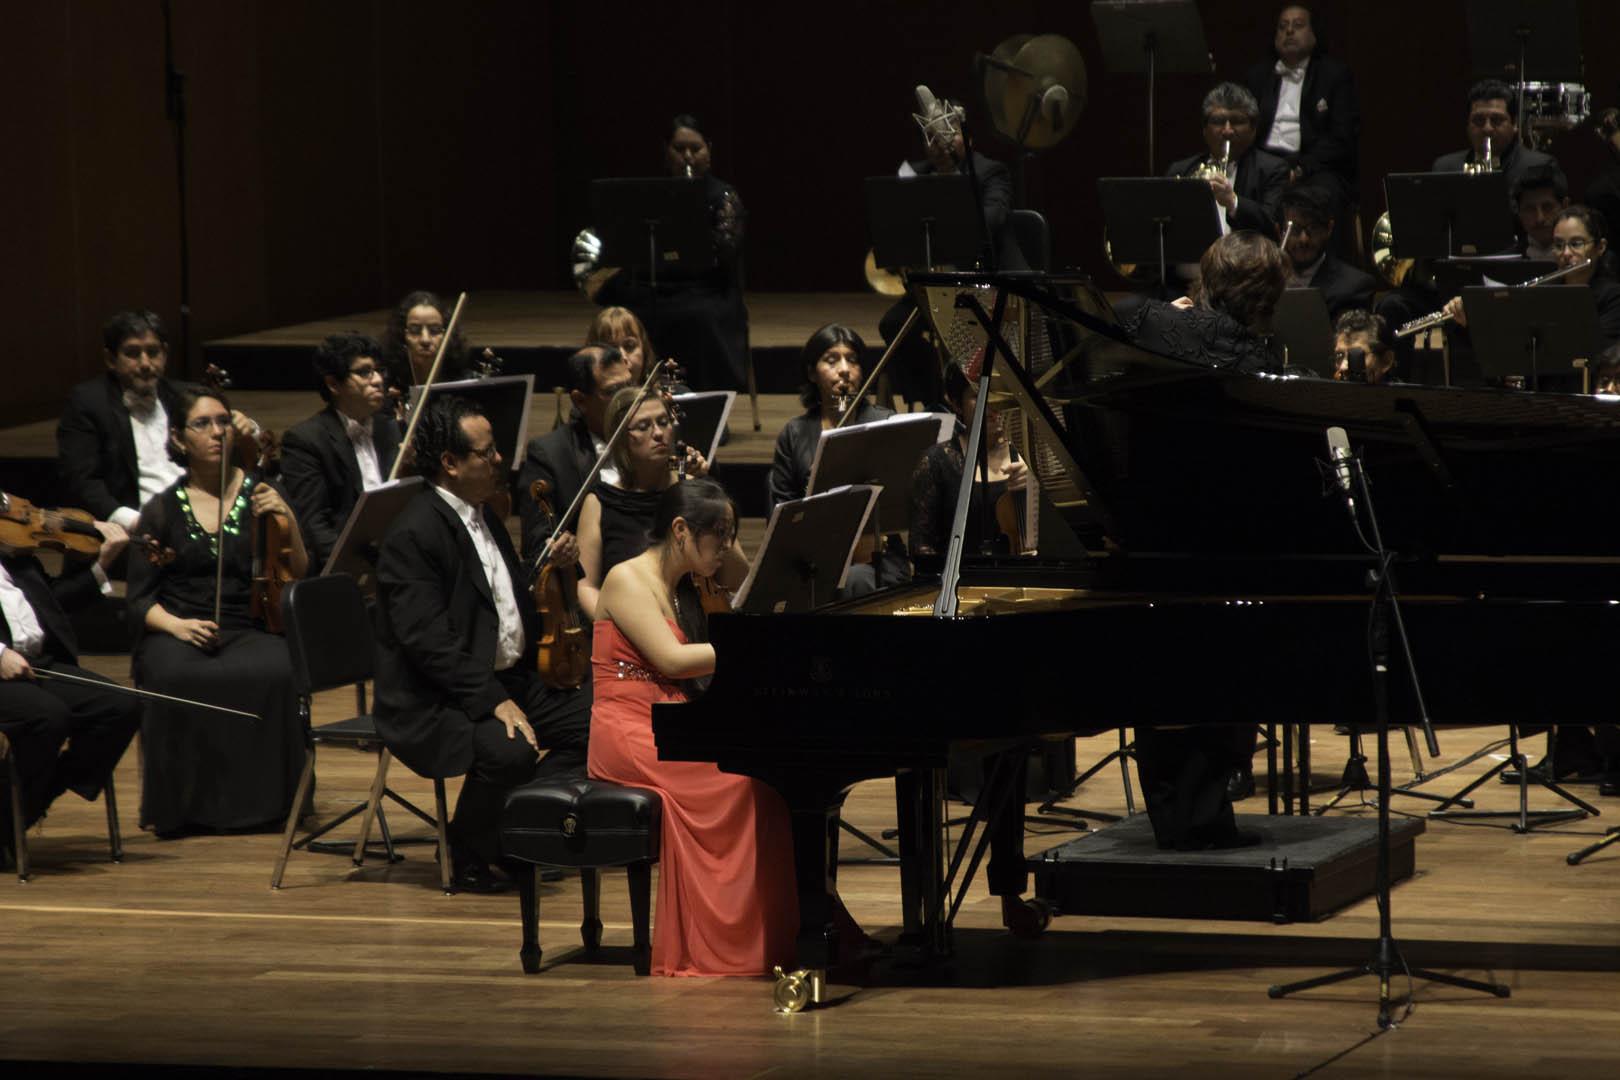 Brillante Priscila Navarro impactó con las Variaciones Goldberg de Bach y el Concierto no. 3 de Rachmaninov